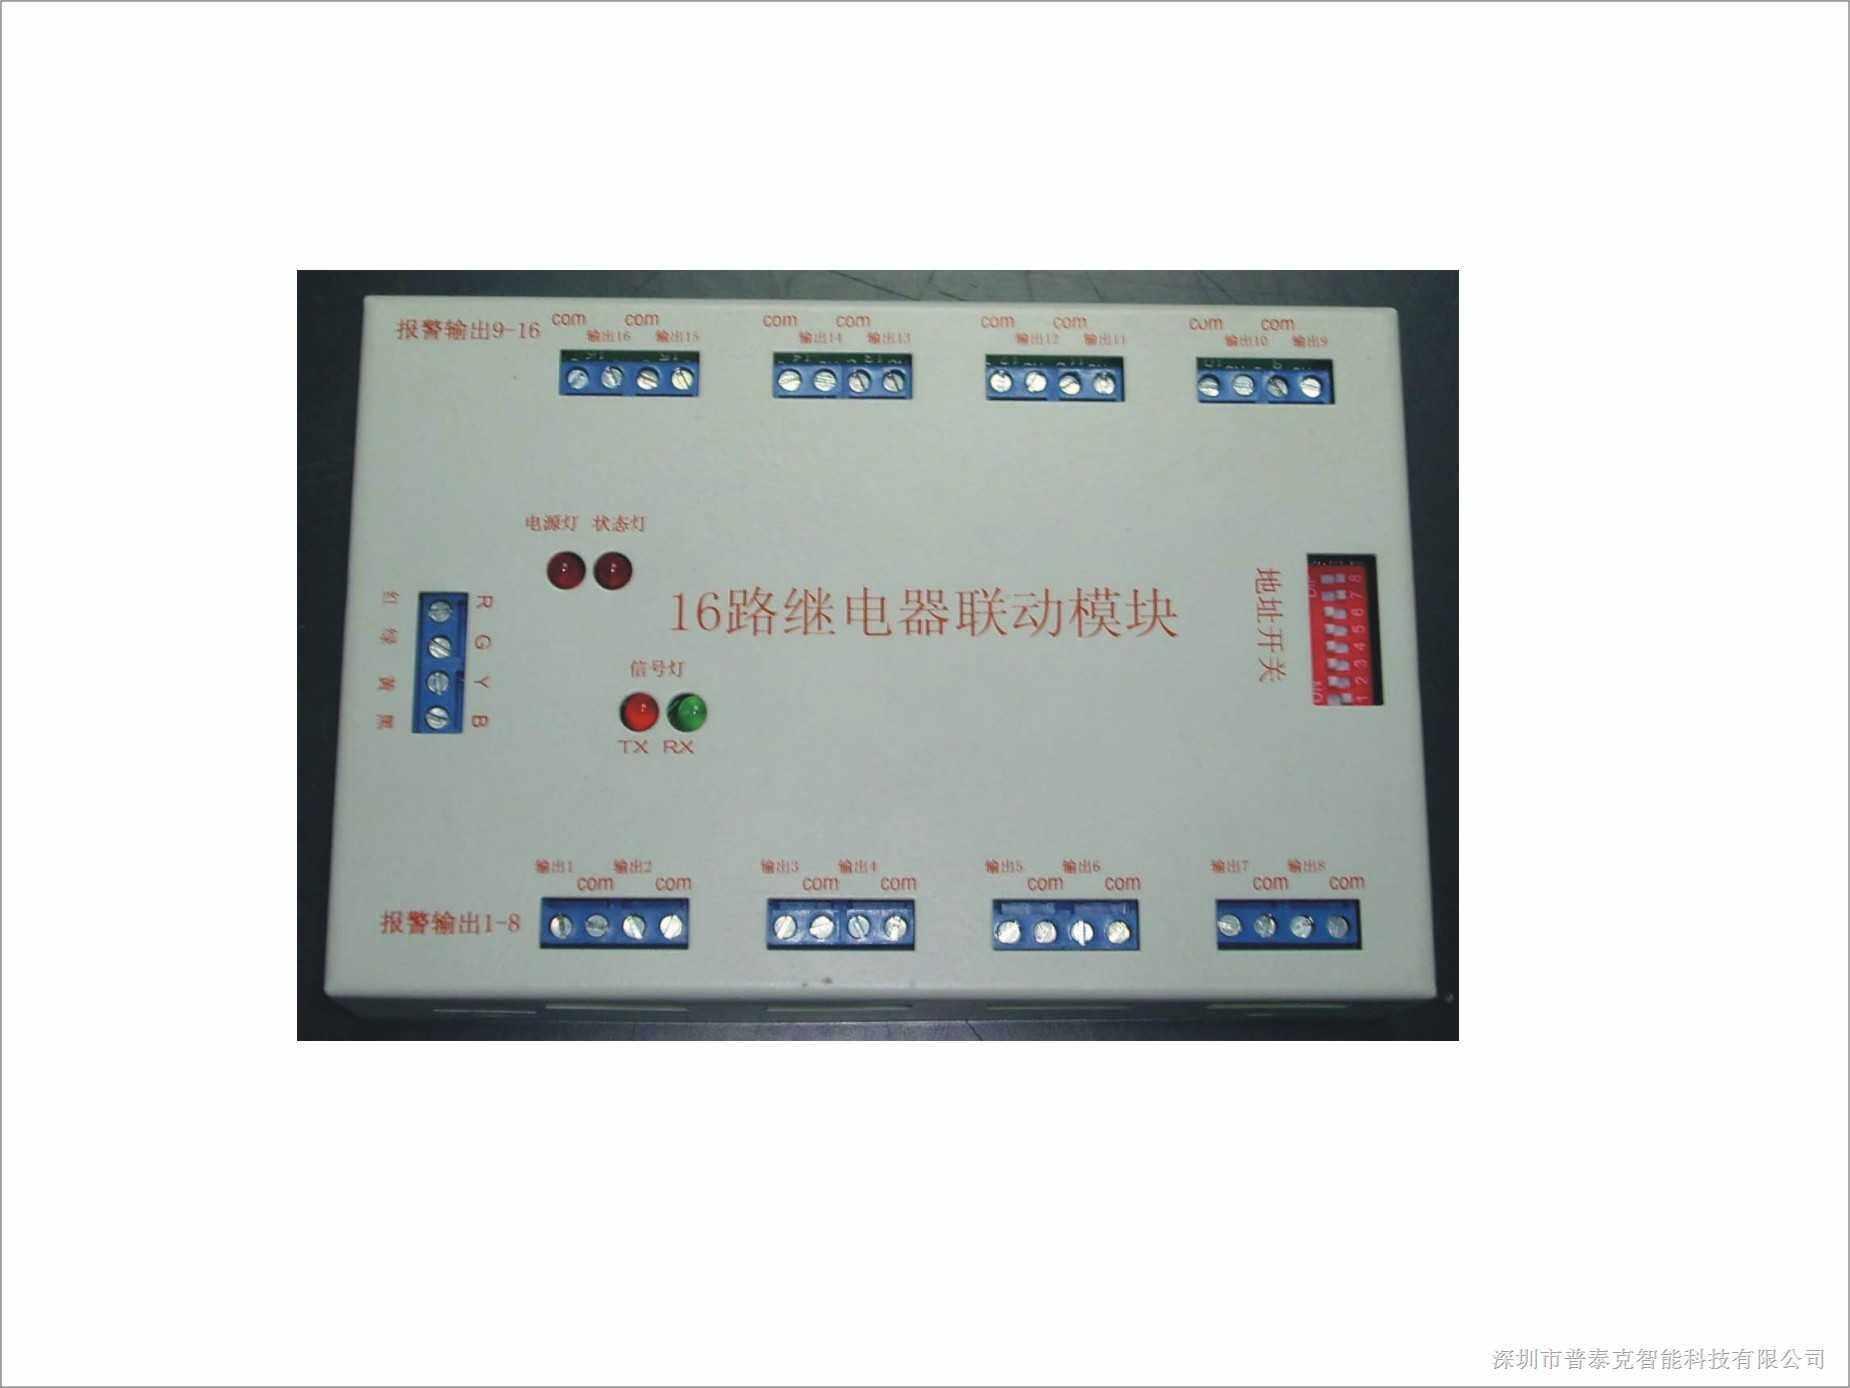 (PTK-16C)16路继电器联动模块报价